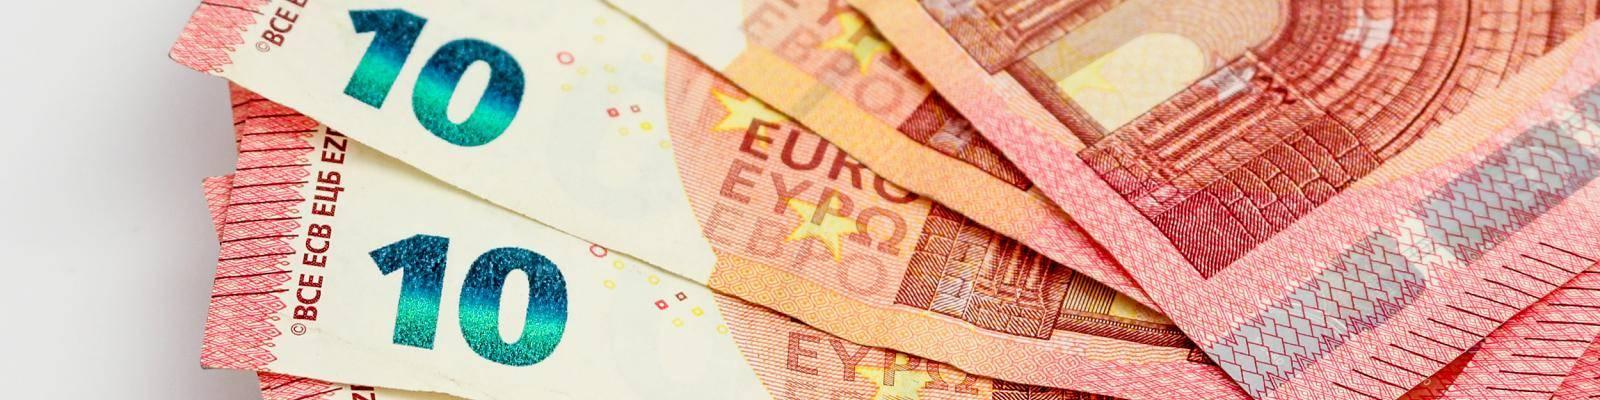 biljetten 10 euro